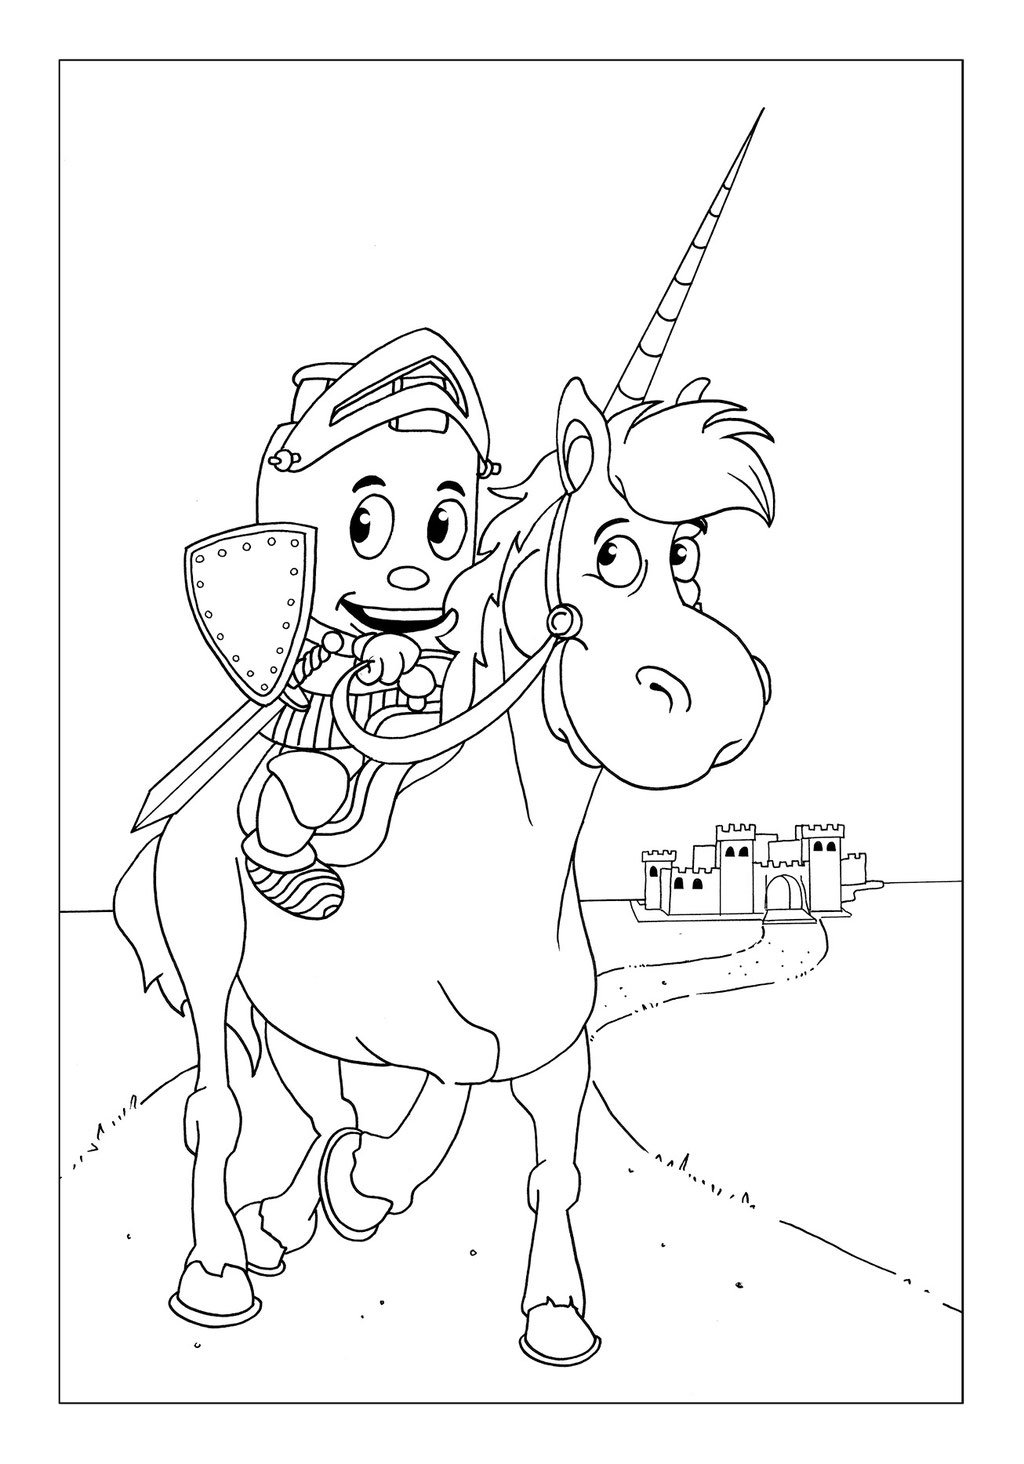 Vitogaz Kinder-Malbuch: Idee Zeichnung und Illustration: im Mittelalter als Ritter auf dem Pferd vor der Burg